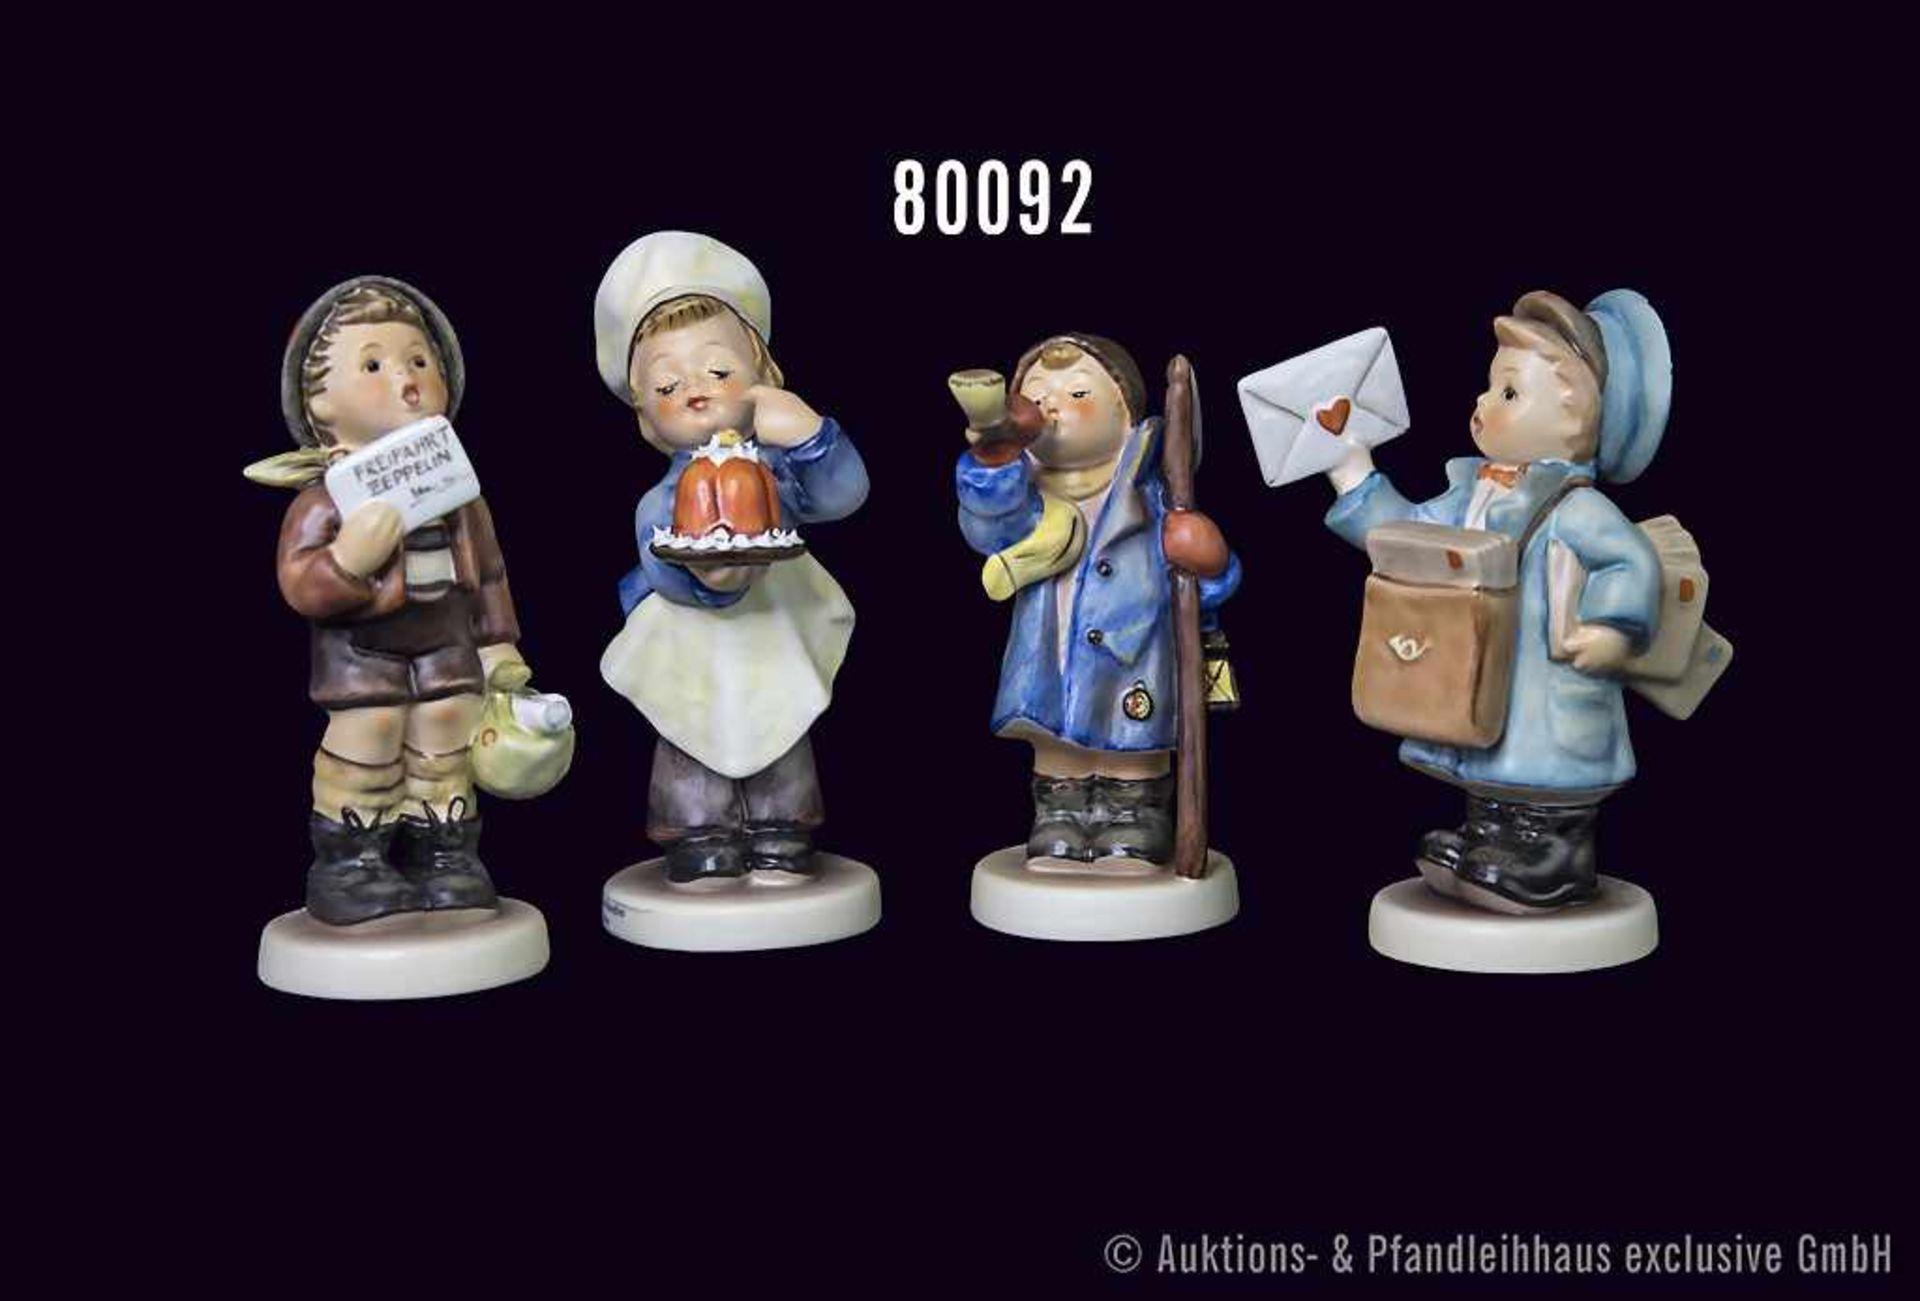 """Konv. 4 Goebel Hummel Figuren, Nr. 128 """"Der kleine Konditor"""", Nr. 15 """"Hört Ihr Leut,"""